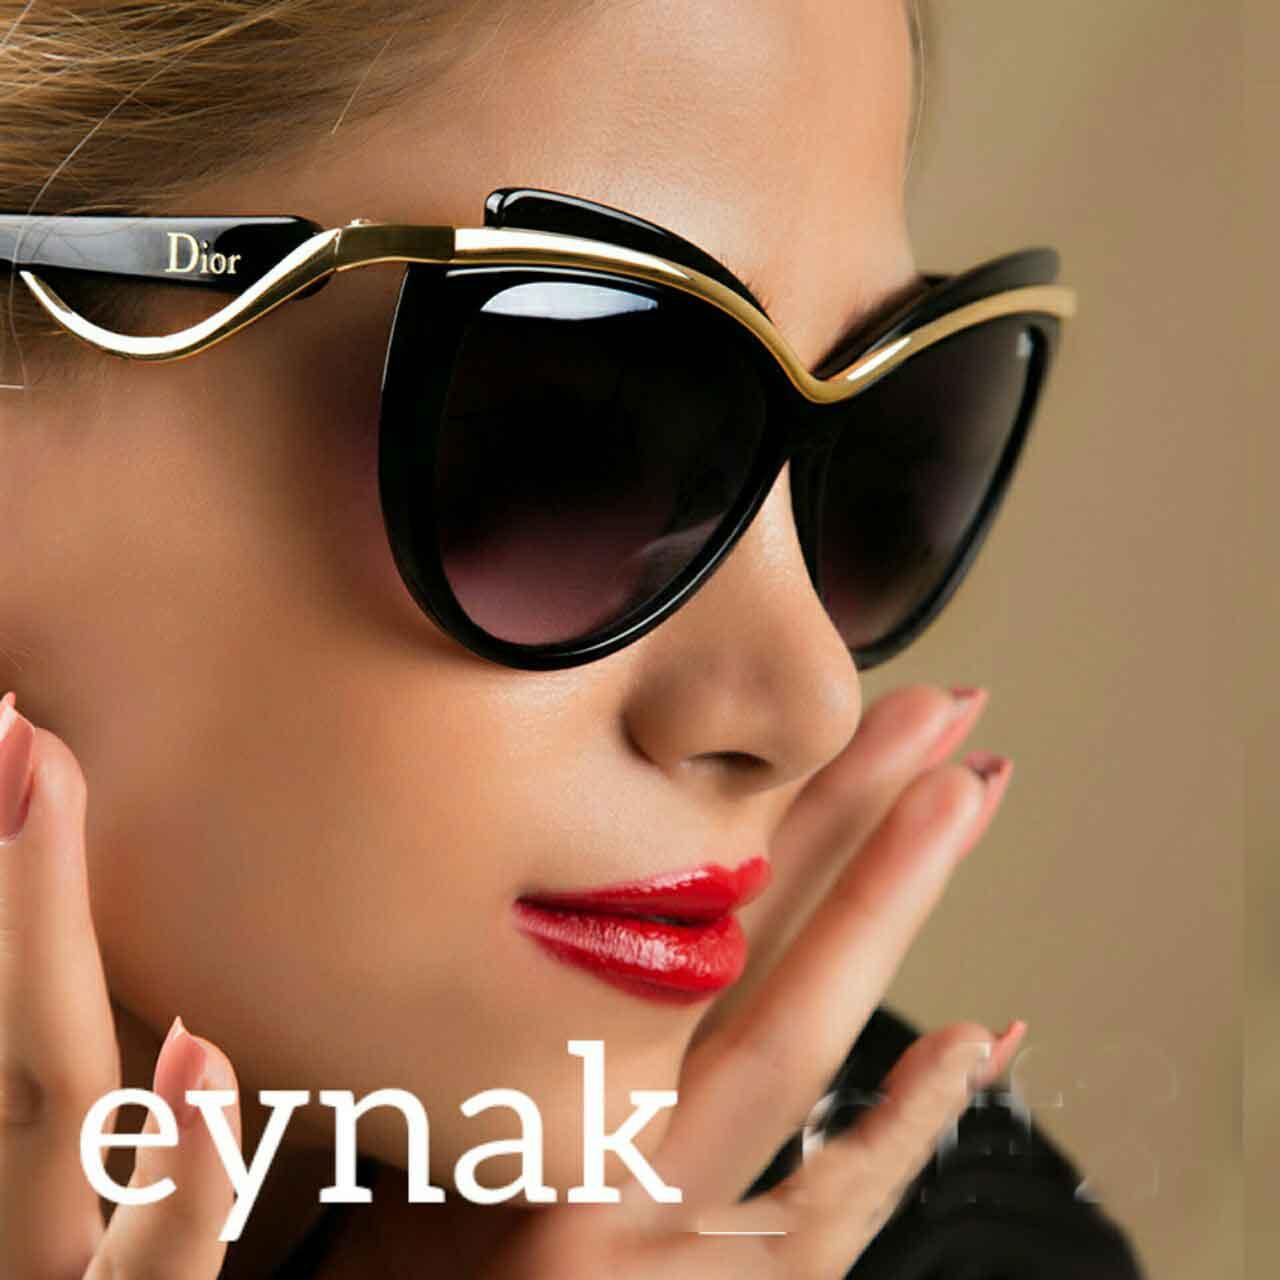 عینک آفتابی دیور 2015 ارکید